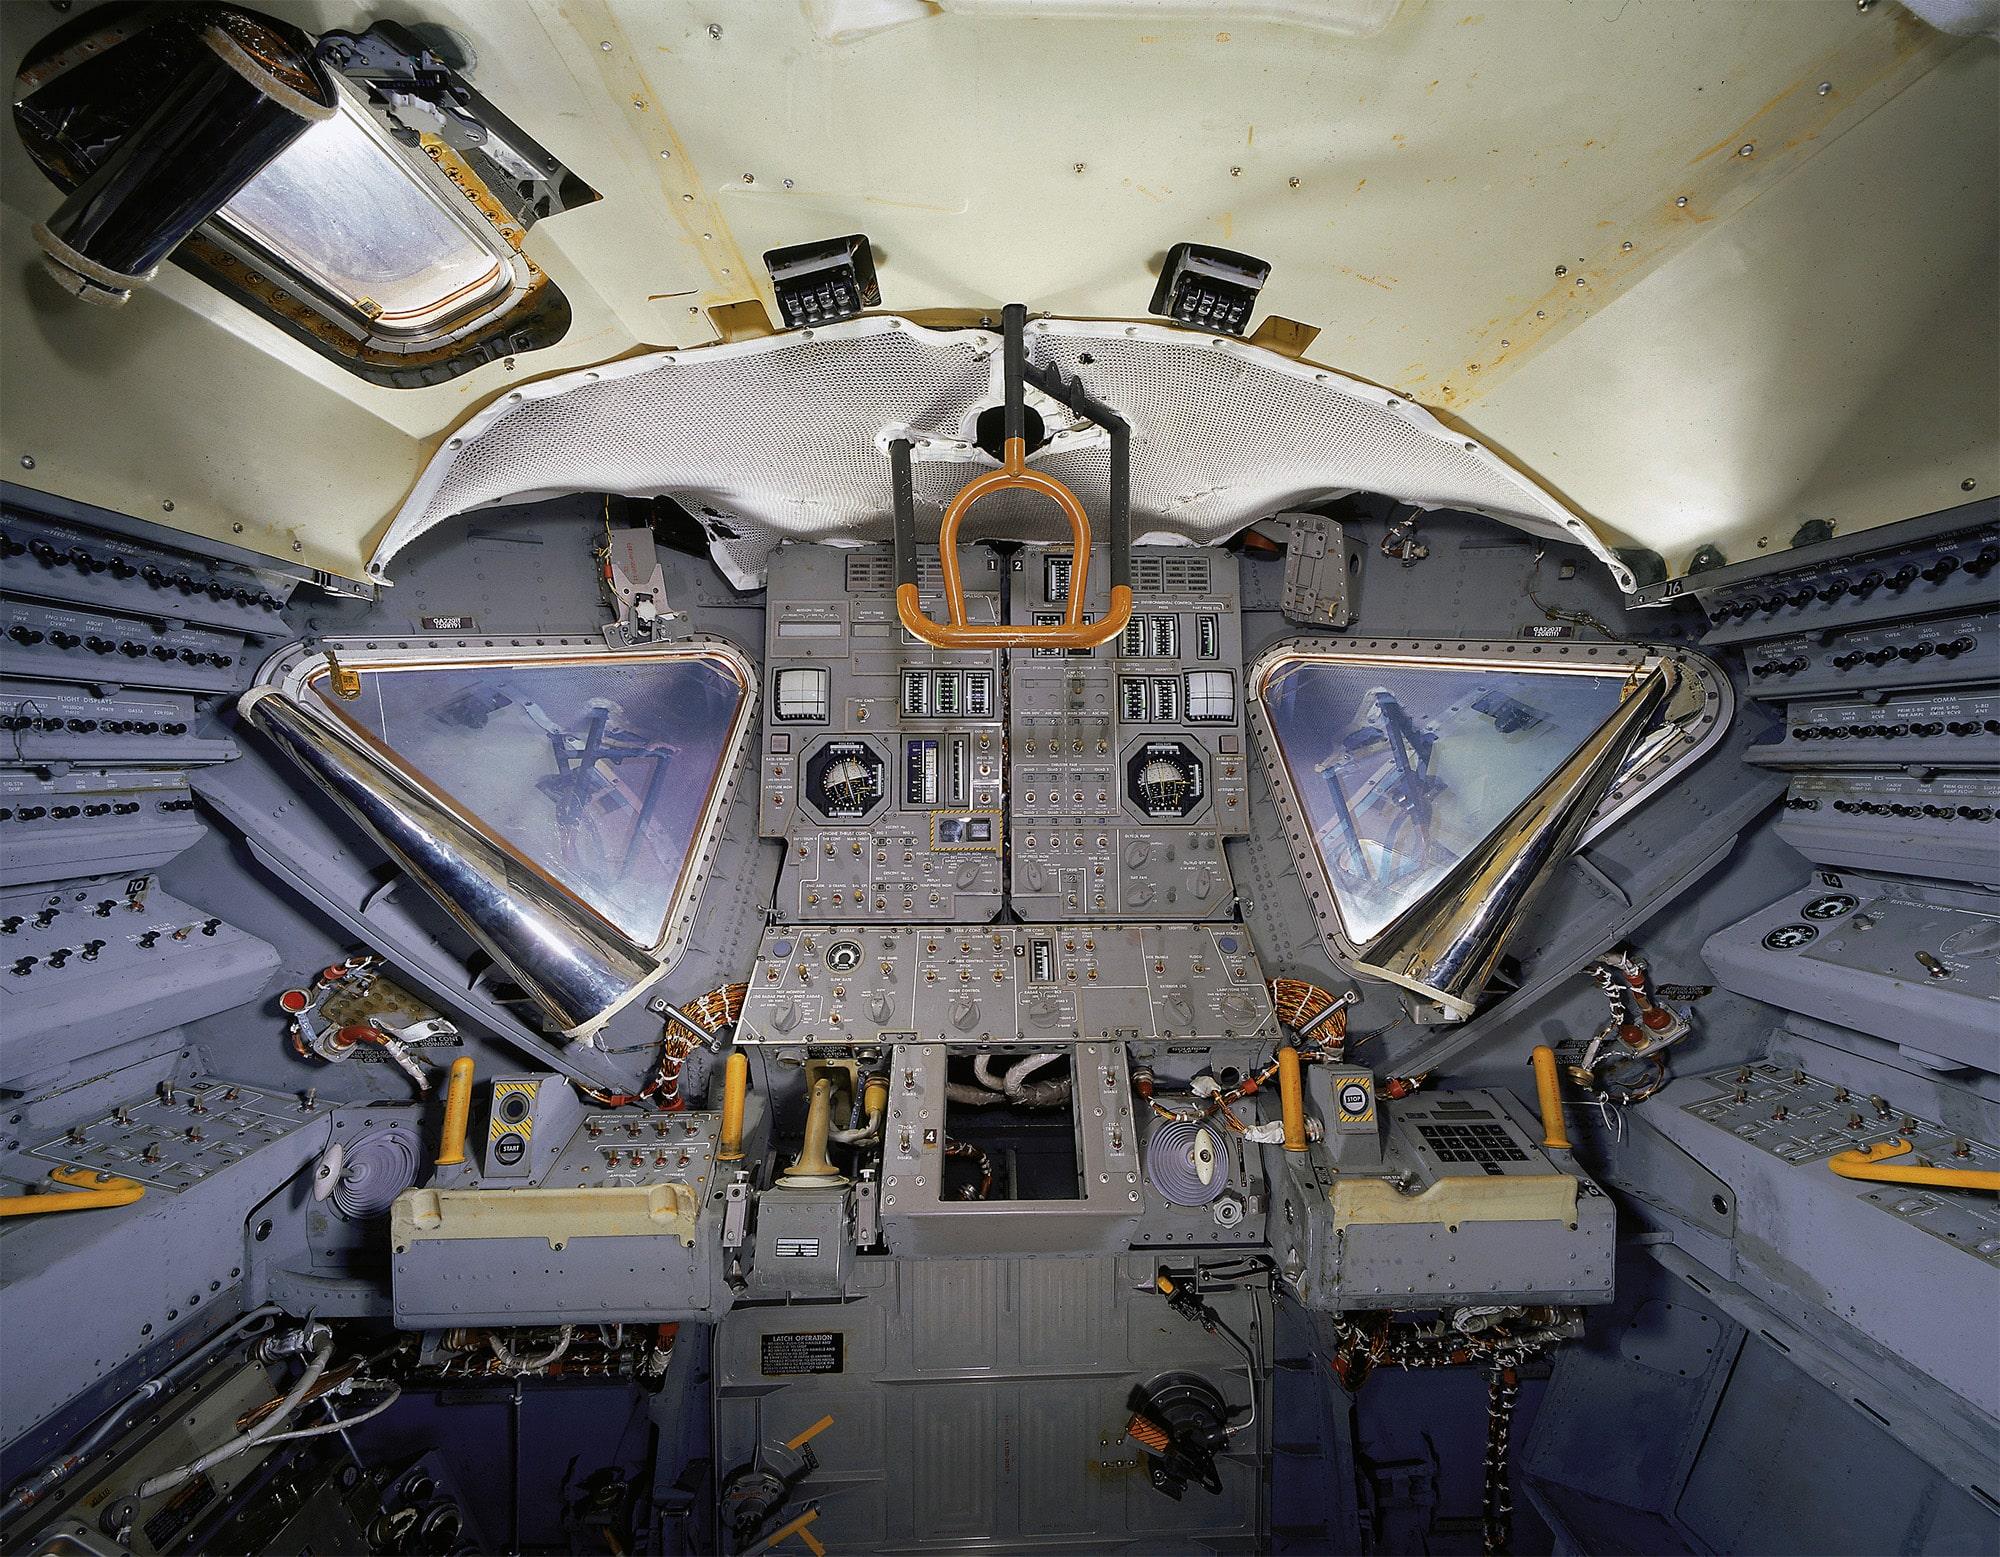 Lunarni modul (Credit: Mark Avino/NASA)